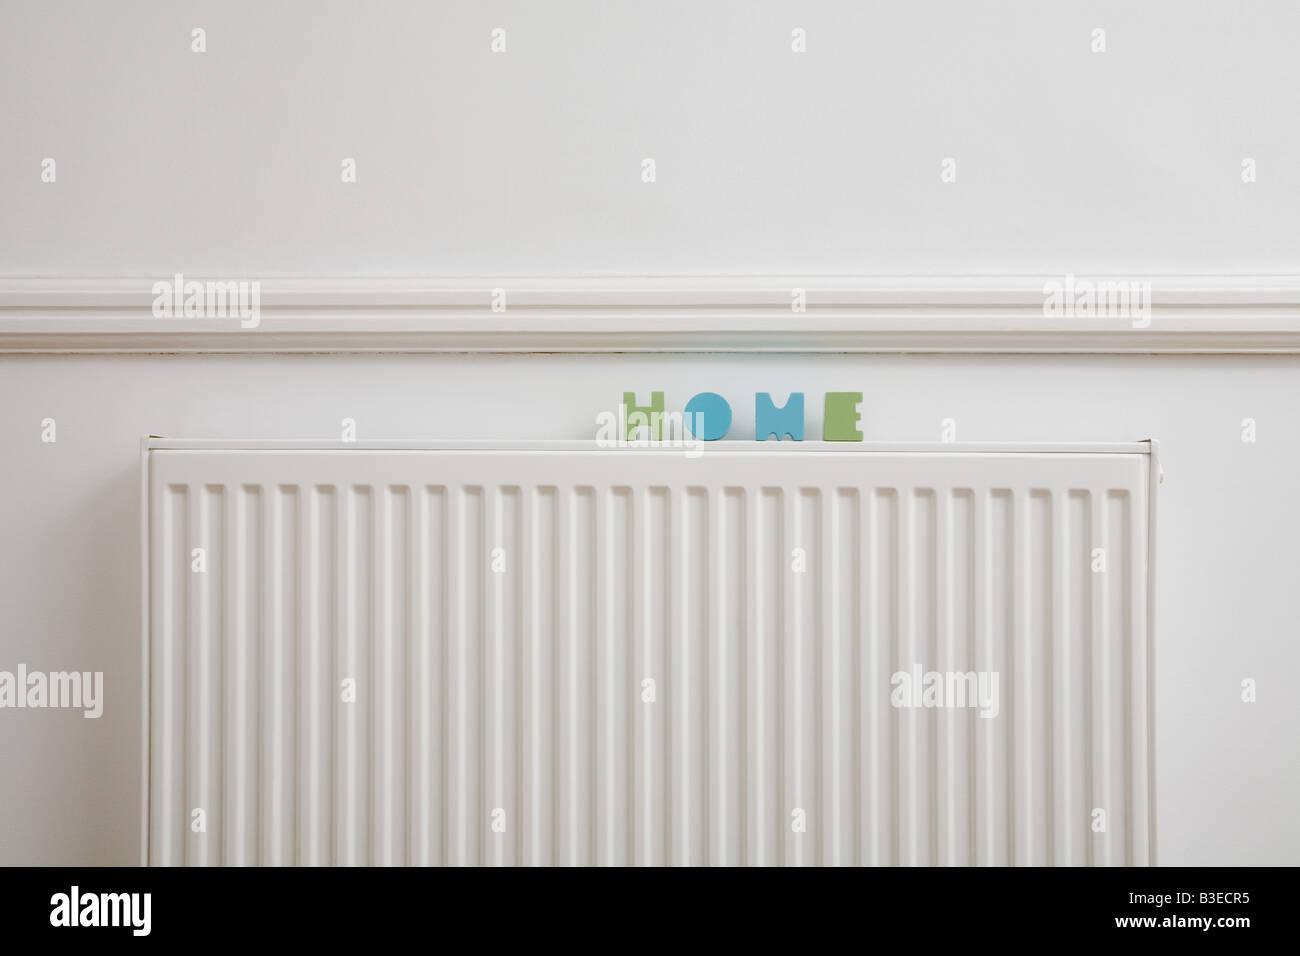 La parola casa su un radiatore Immagini Stock